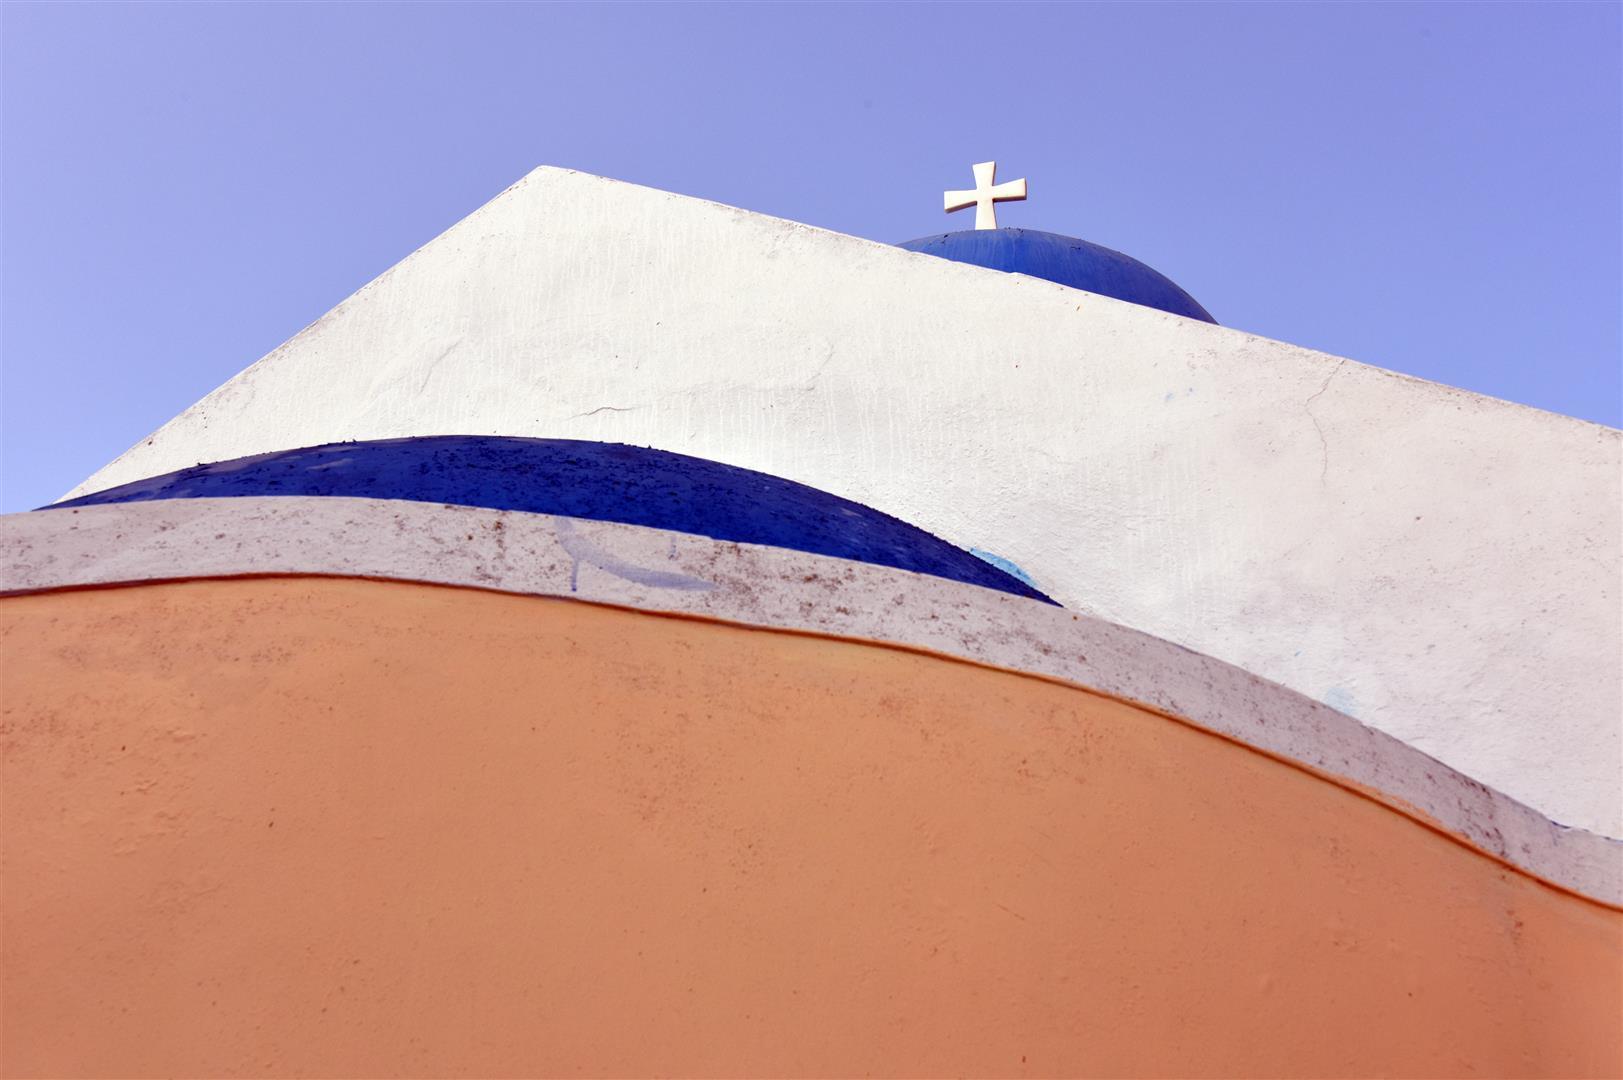 Santorini Roof (Large)